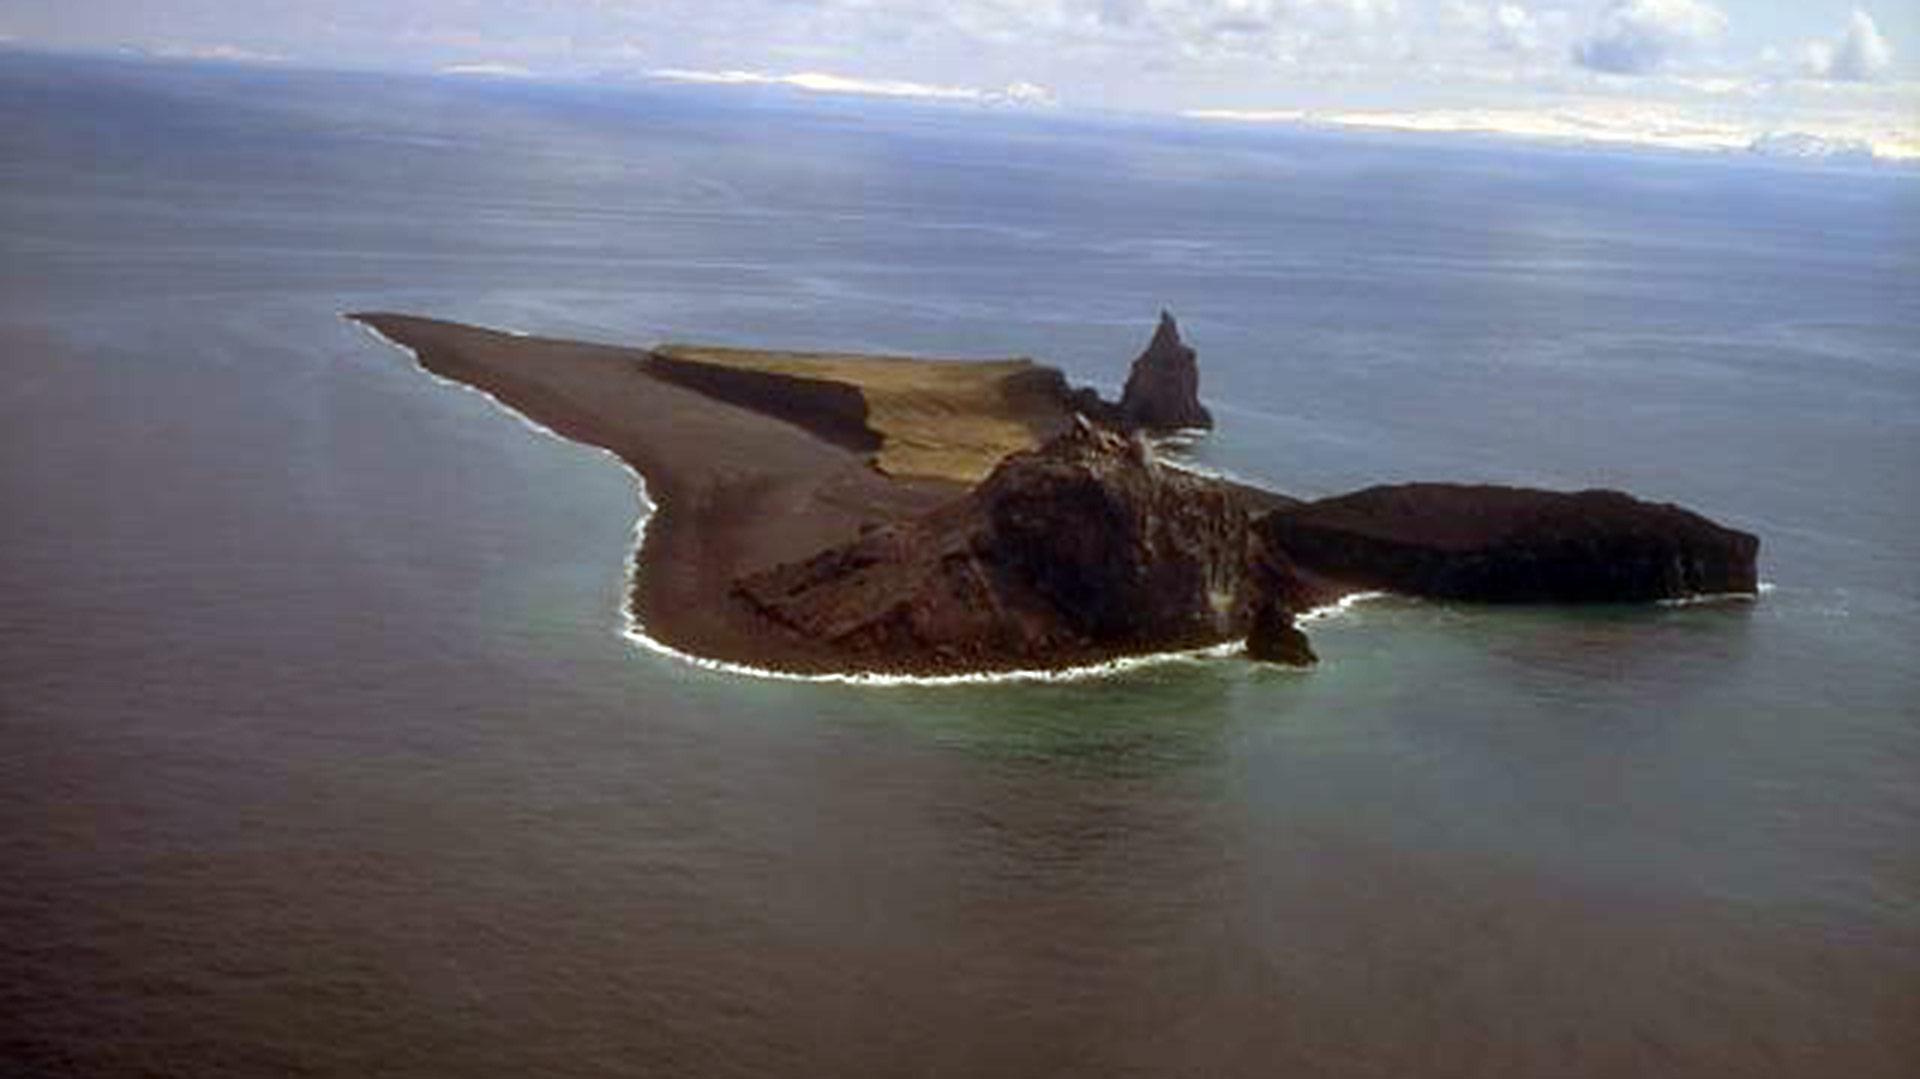 El volcán Bogoslof apenas sobresale de las aguas del océano (Smithsonian)